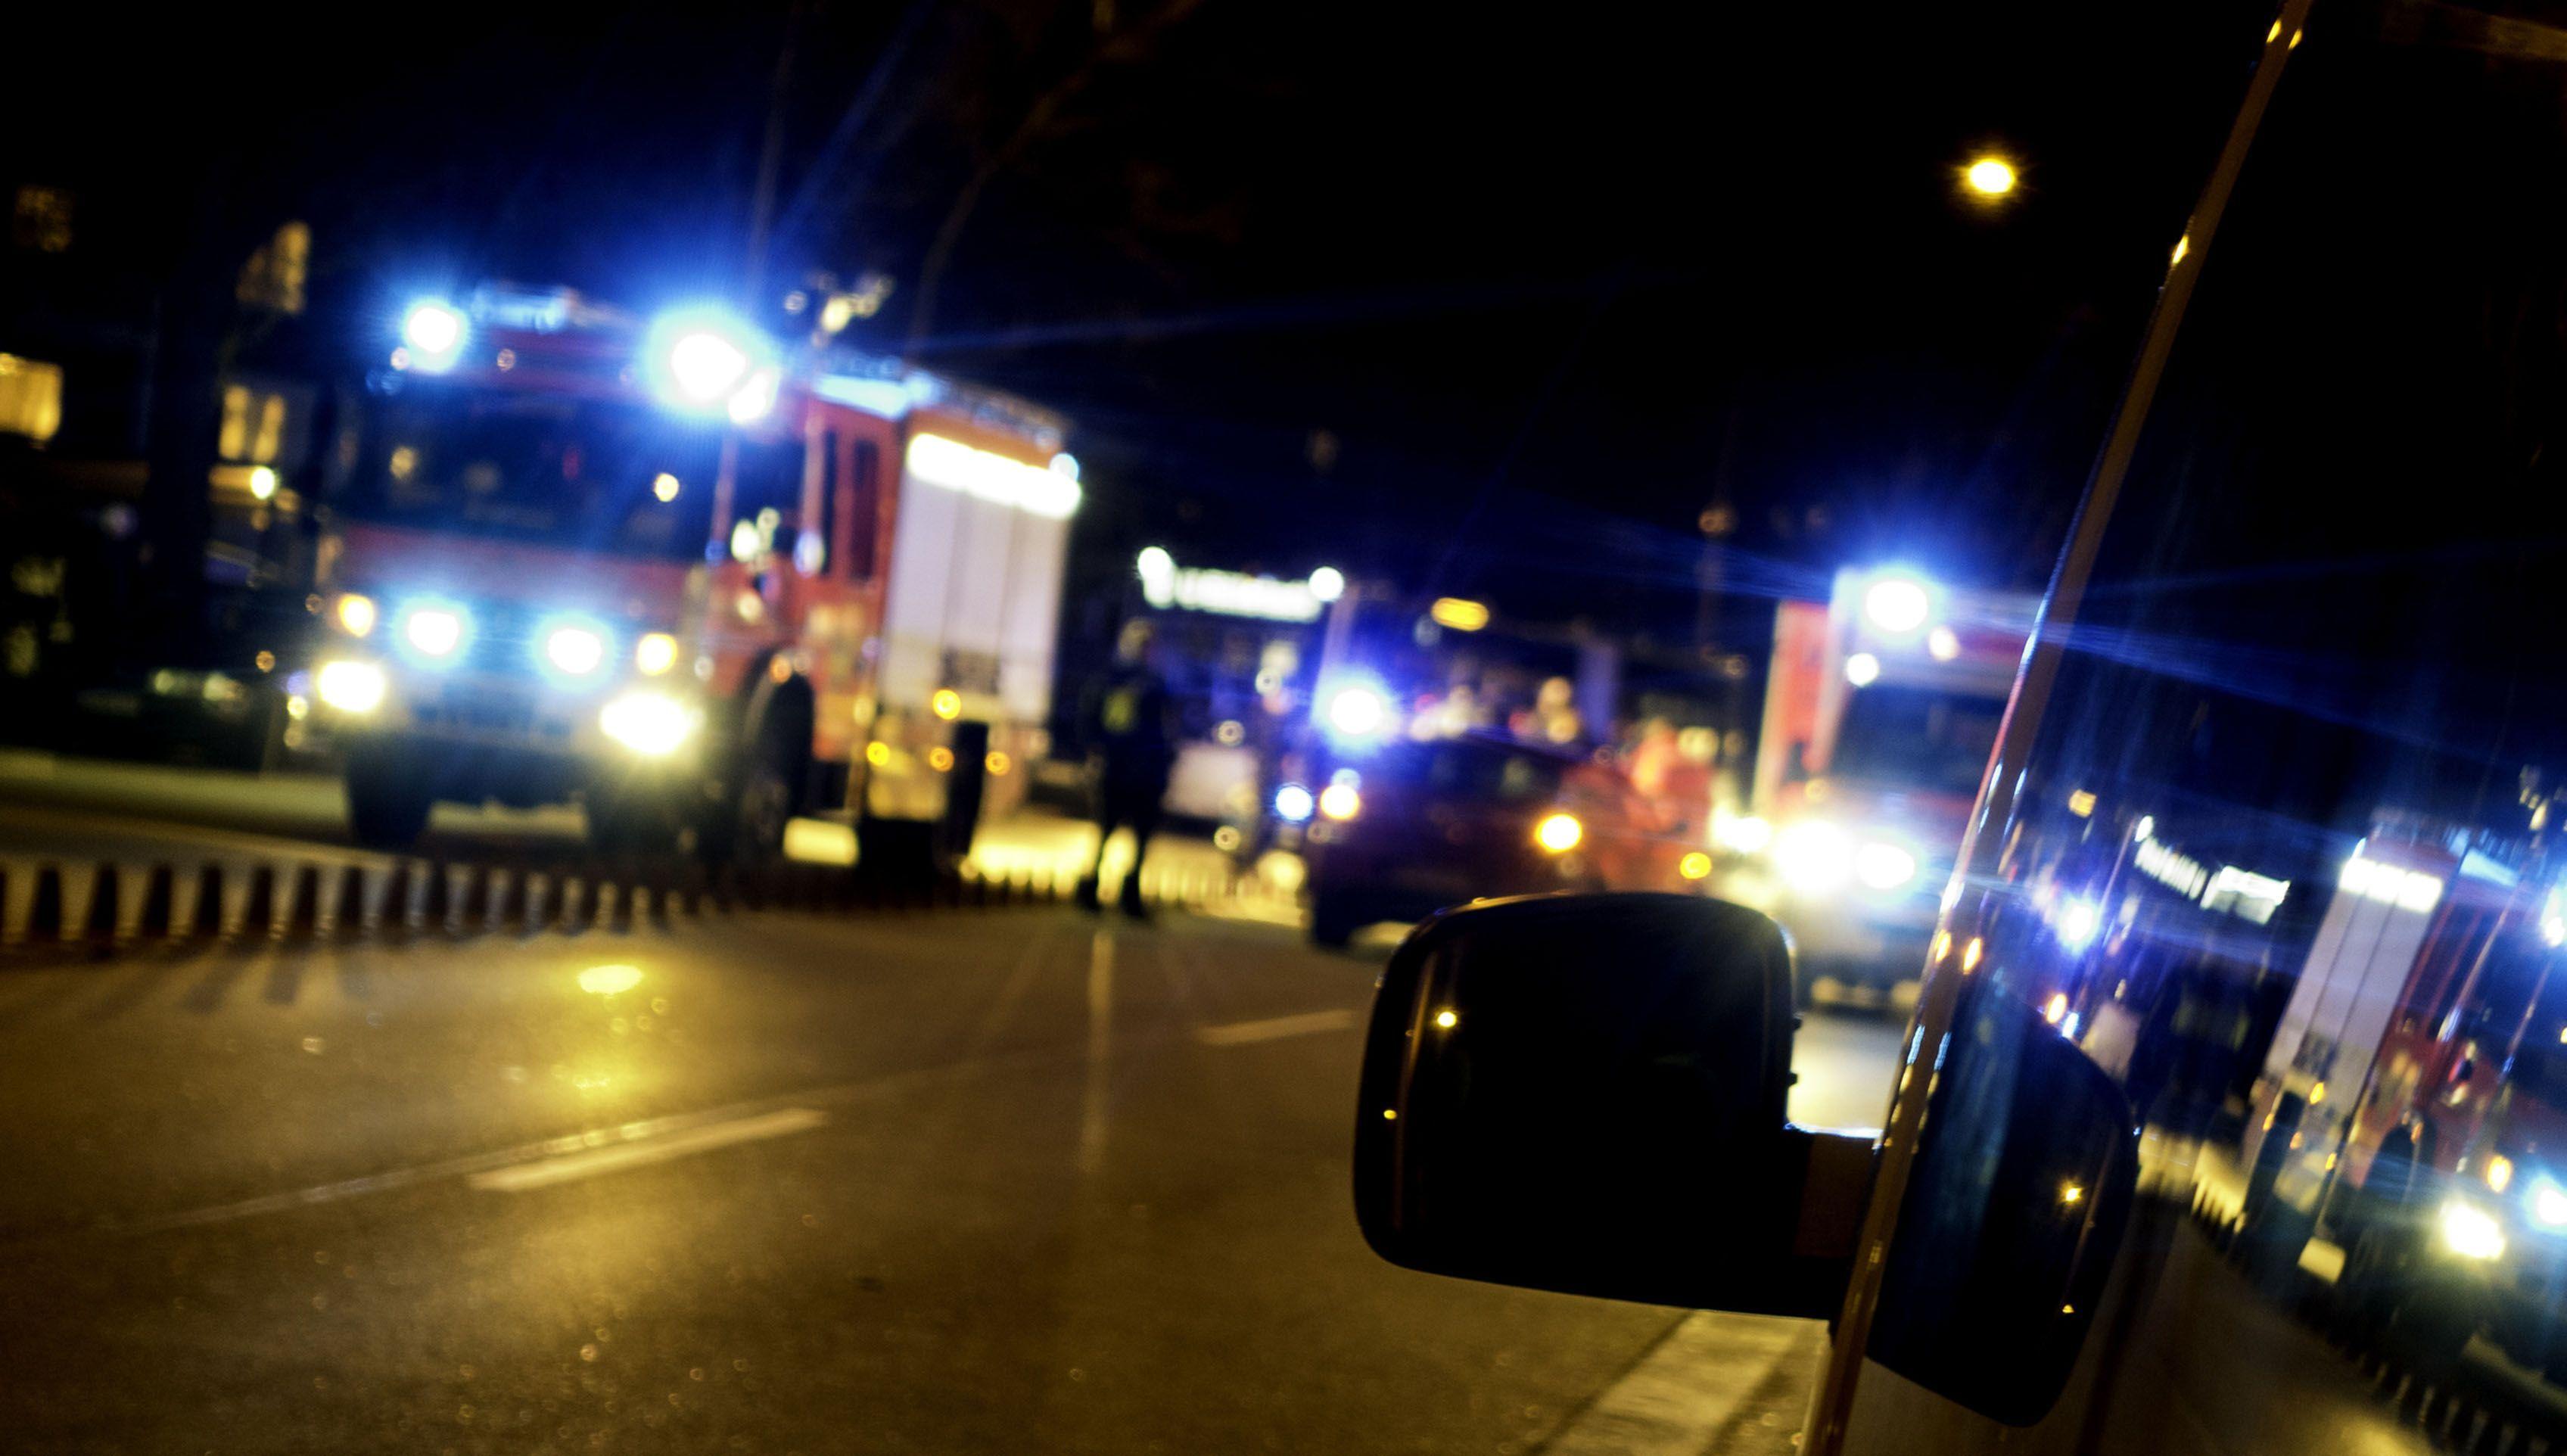 Vers un système d'appel d'urgence en cas d'accident de la route sur son smartphone